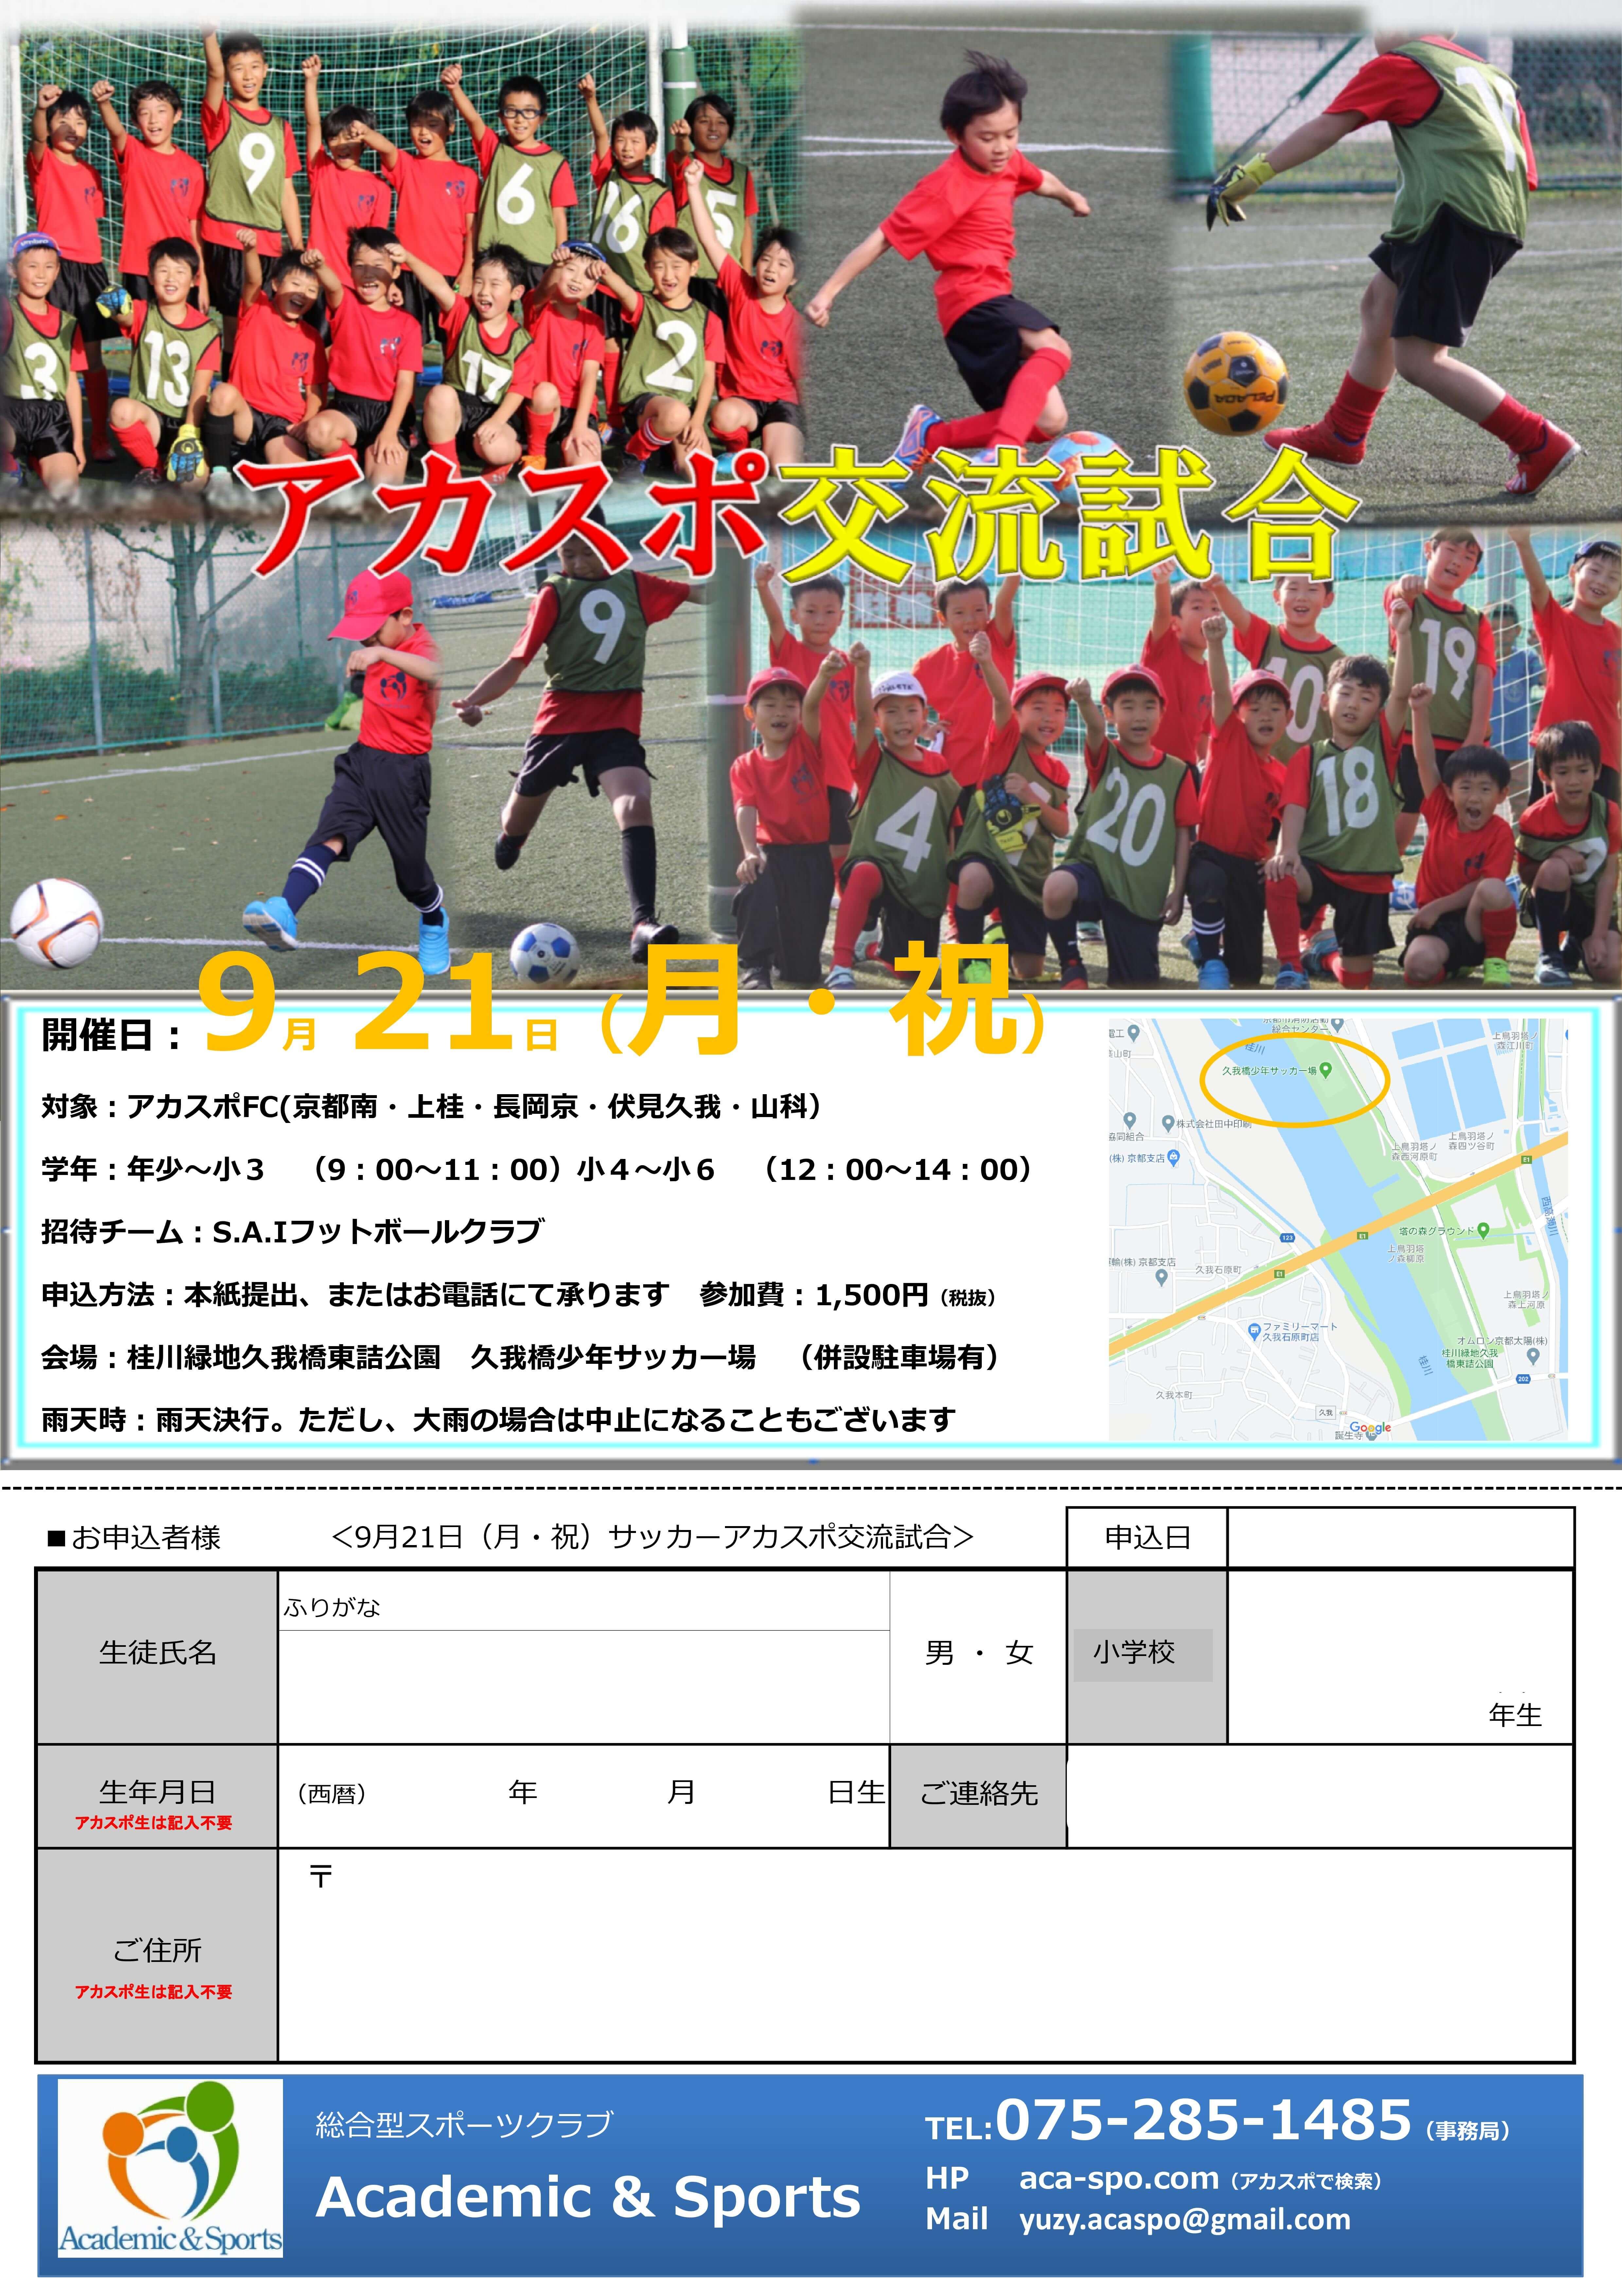 【サッカーイベント】アカスポ交流試合について